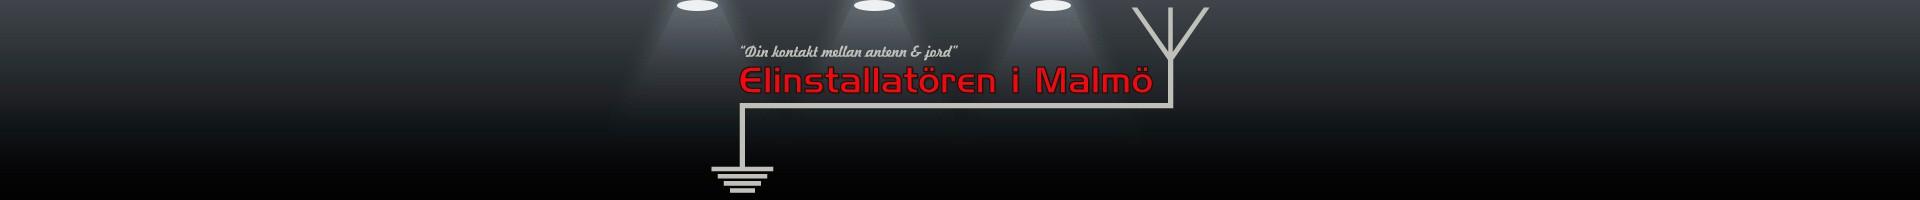 Instagram dansare små bröst nära Malmö